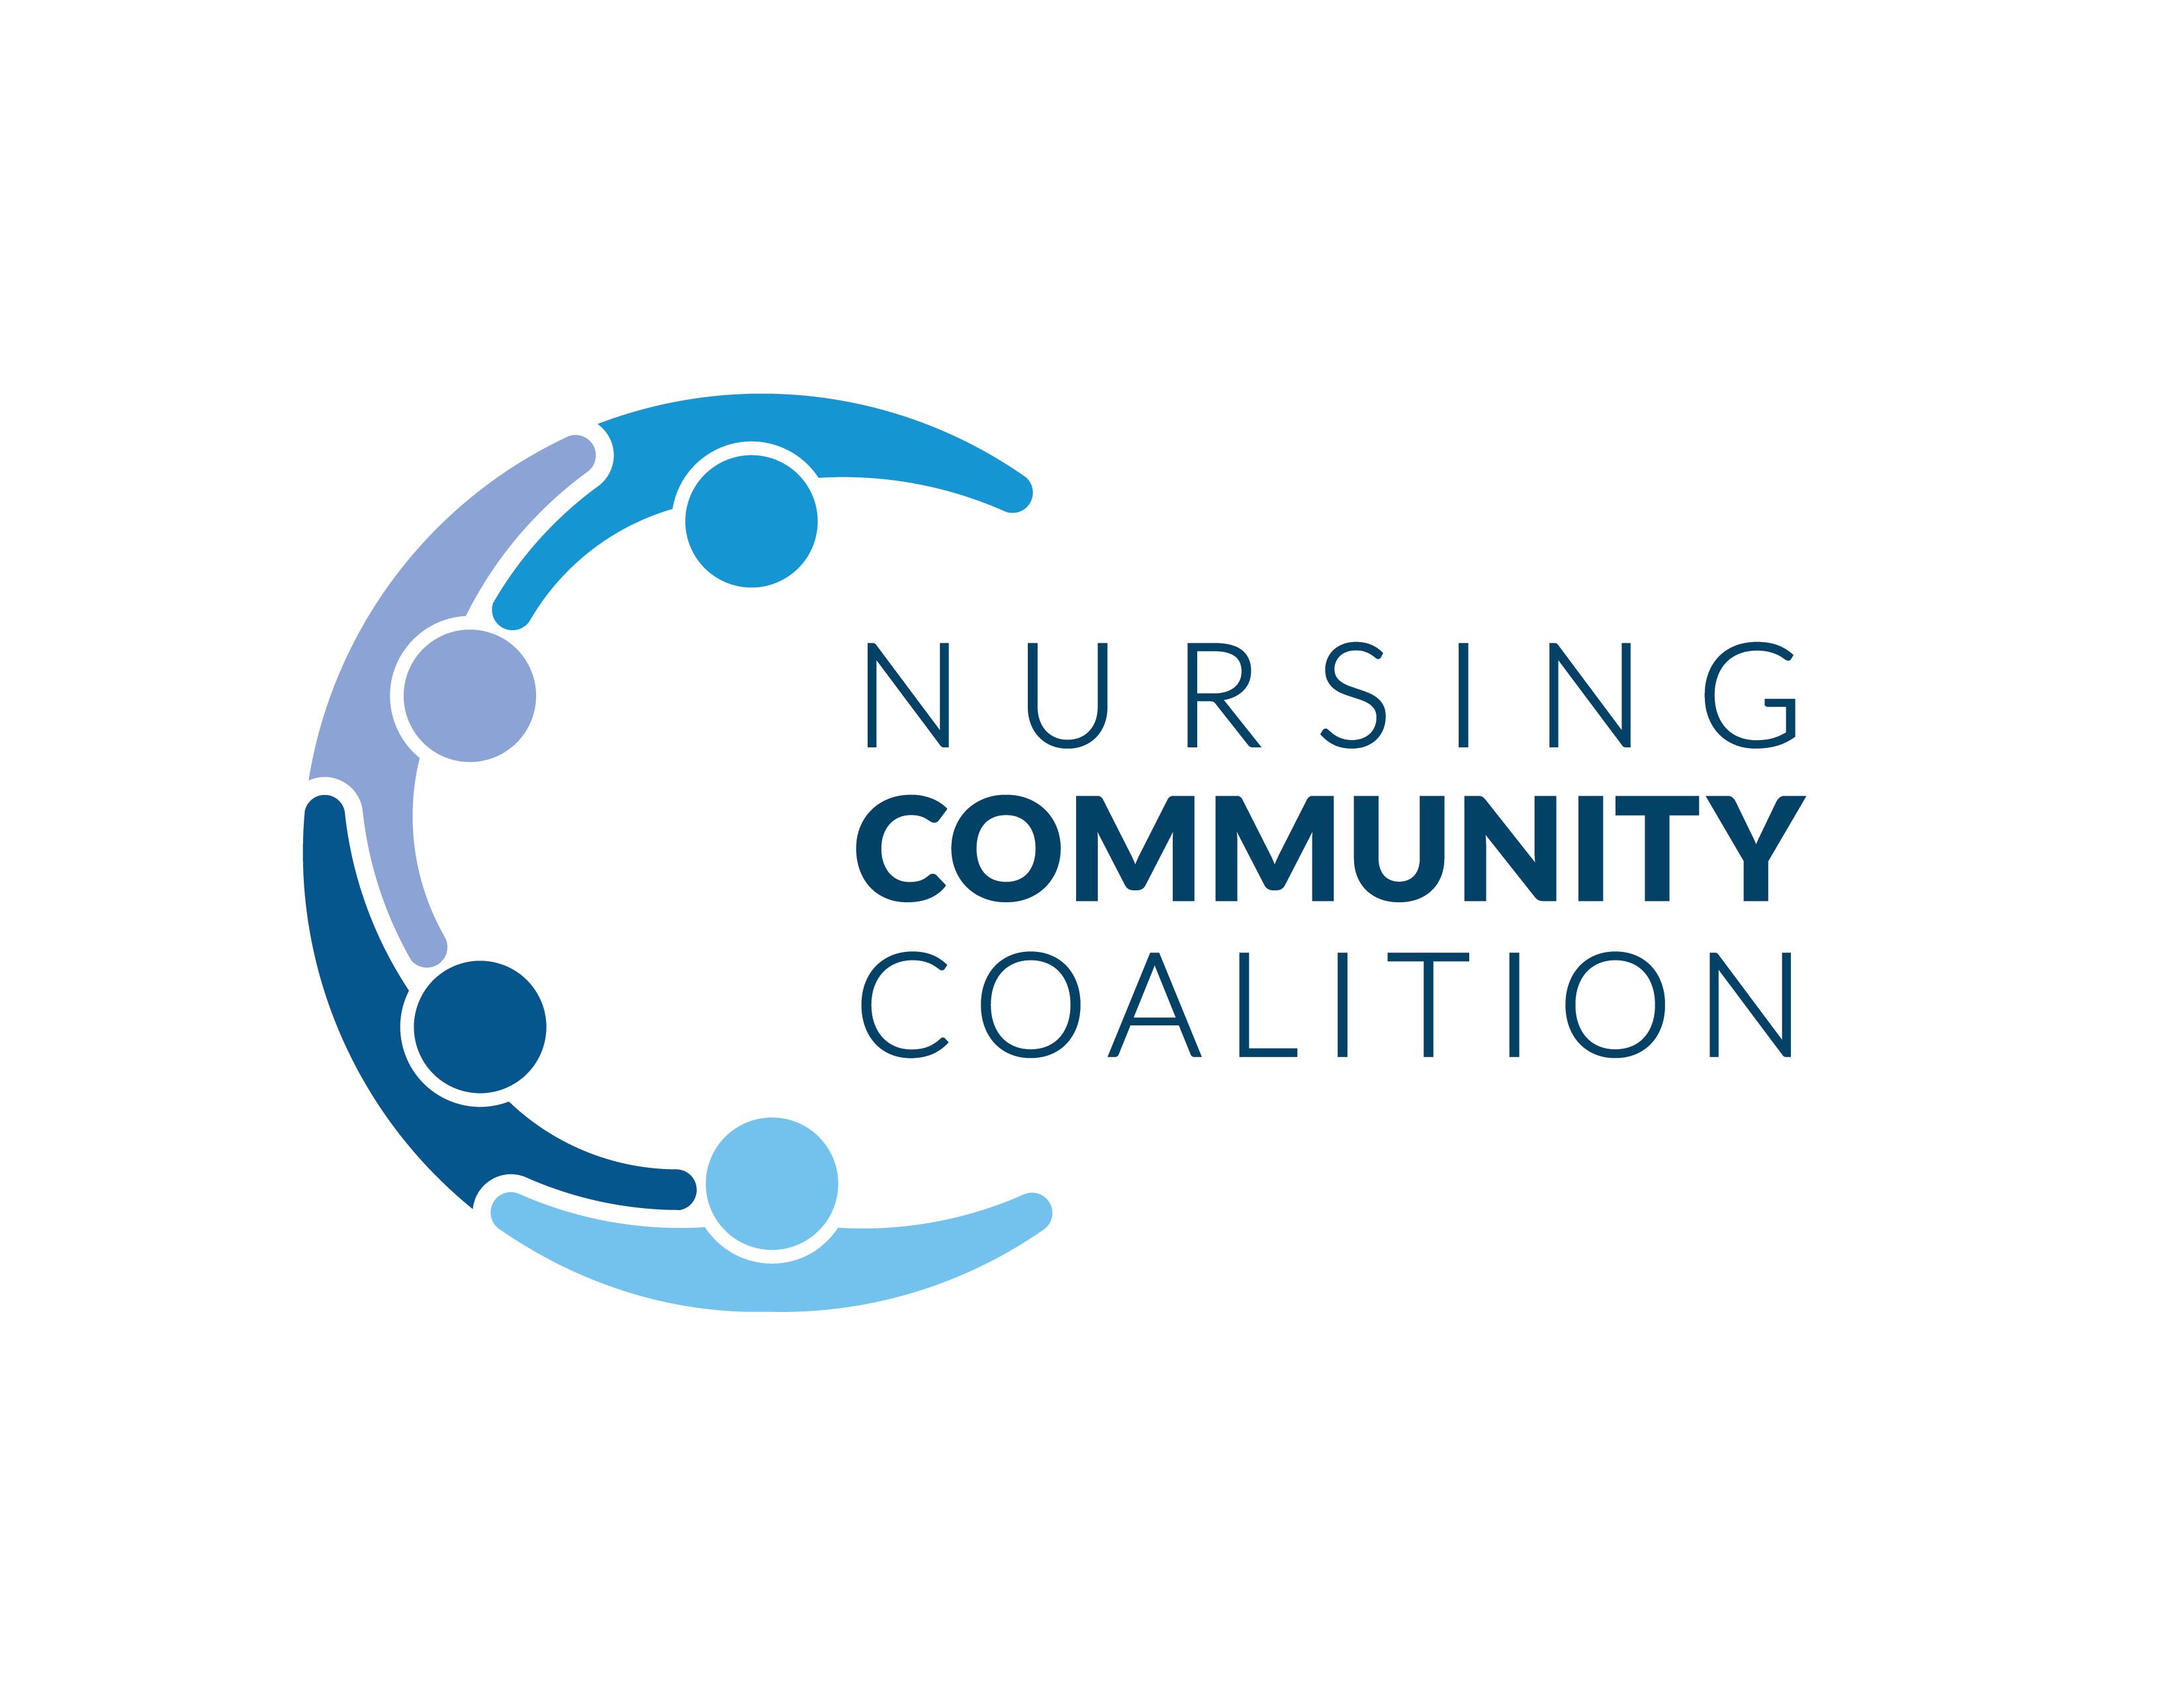 NursingCommunityCoalition_logo_full-colo